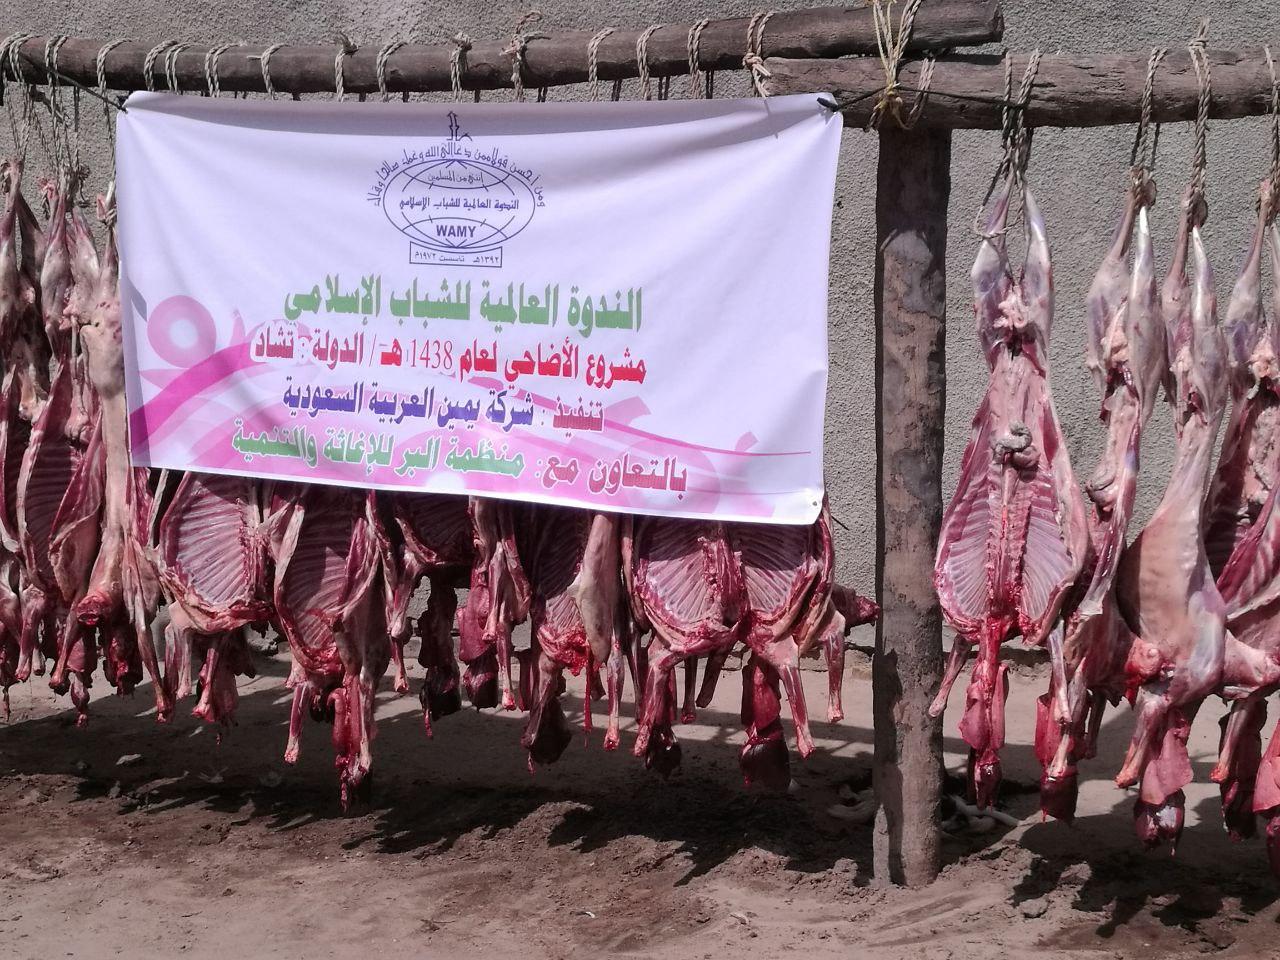 بالتعاون مع الندوة العالمية للشباب الإسلامي تم ذبح 37 رأس من الأغنام وتم توزيعها على 170 أسرة